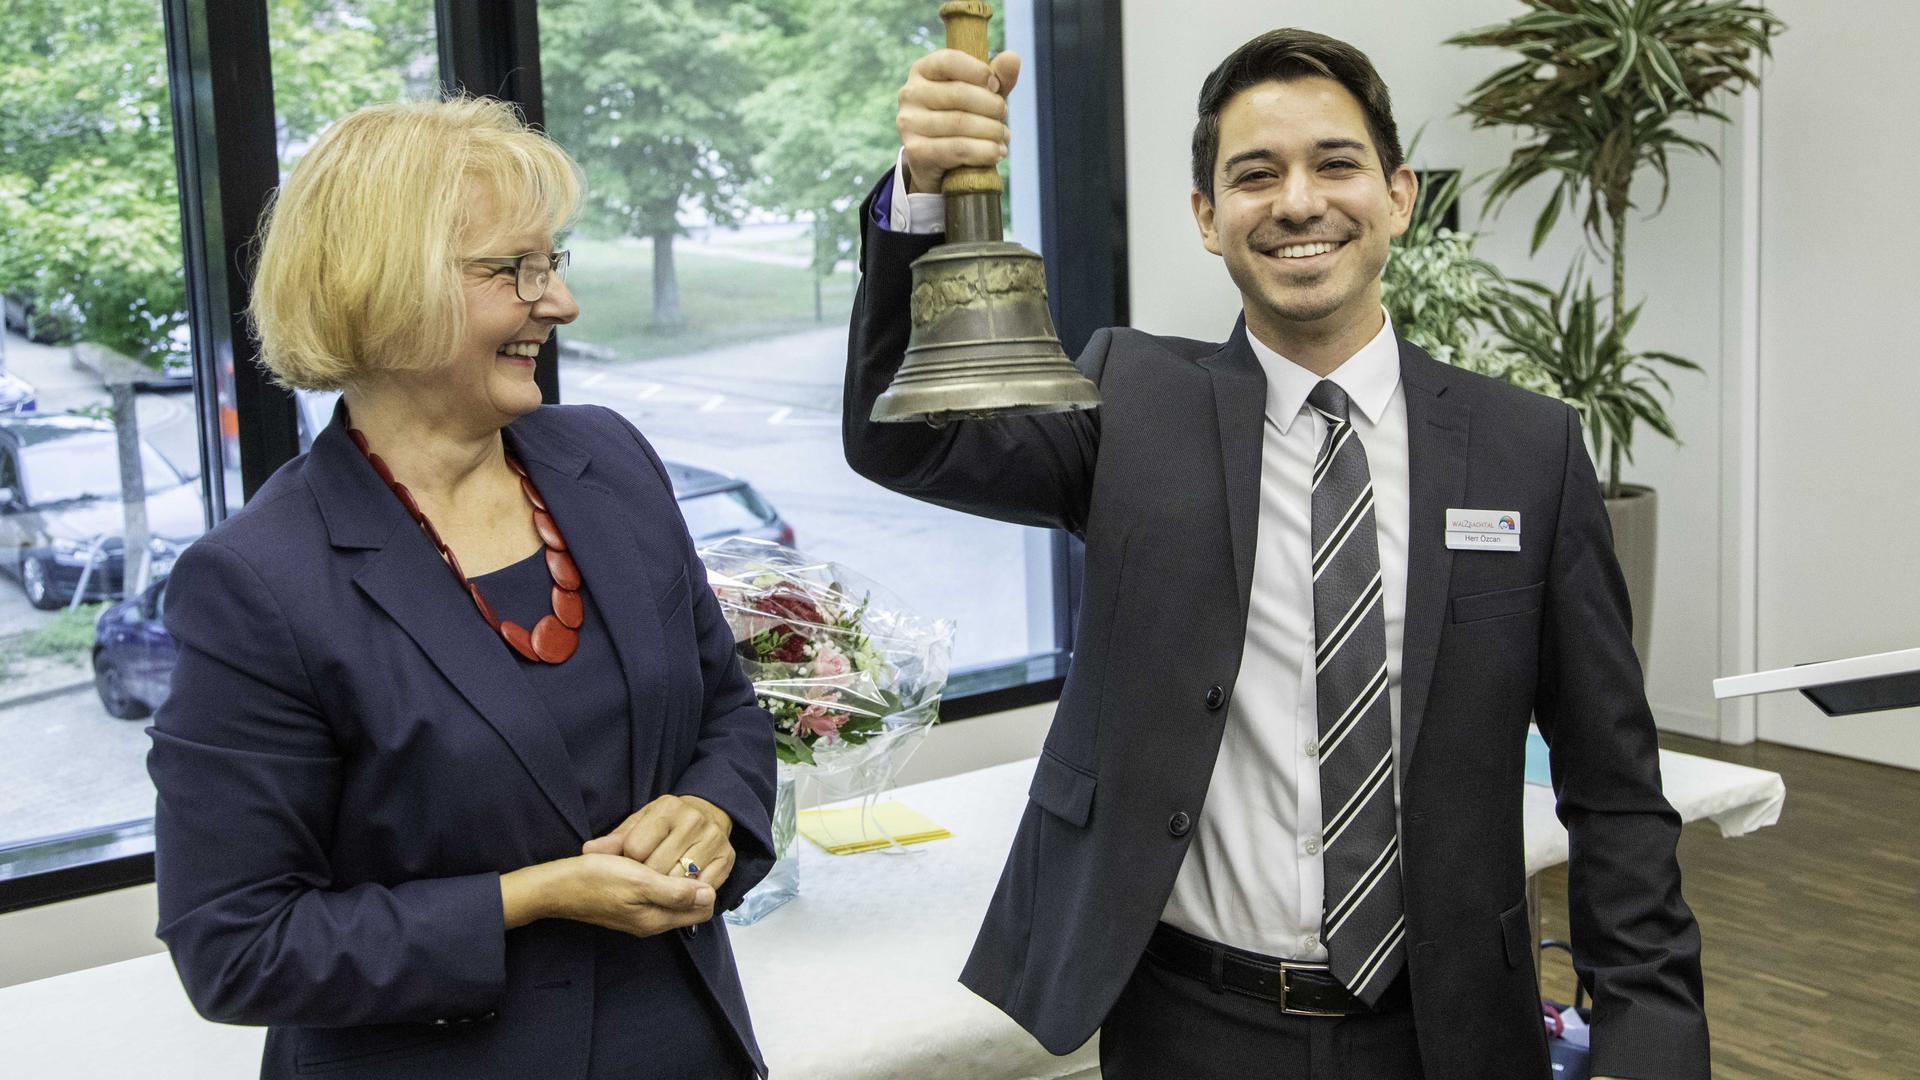 Früher sorgte der Ortsbüttel mit seiner Glocke für die neuesten Informatonen im Dorf - timur Özcan setzt hingegen auf Social Media